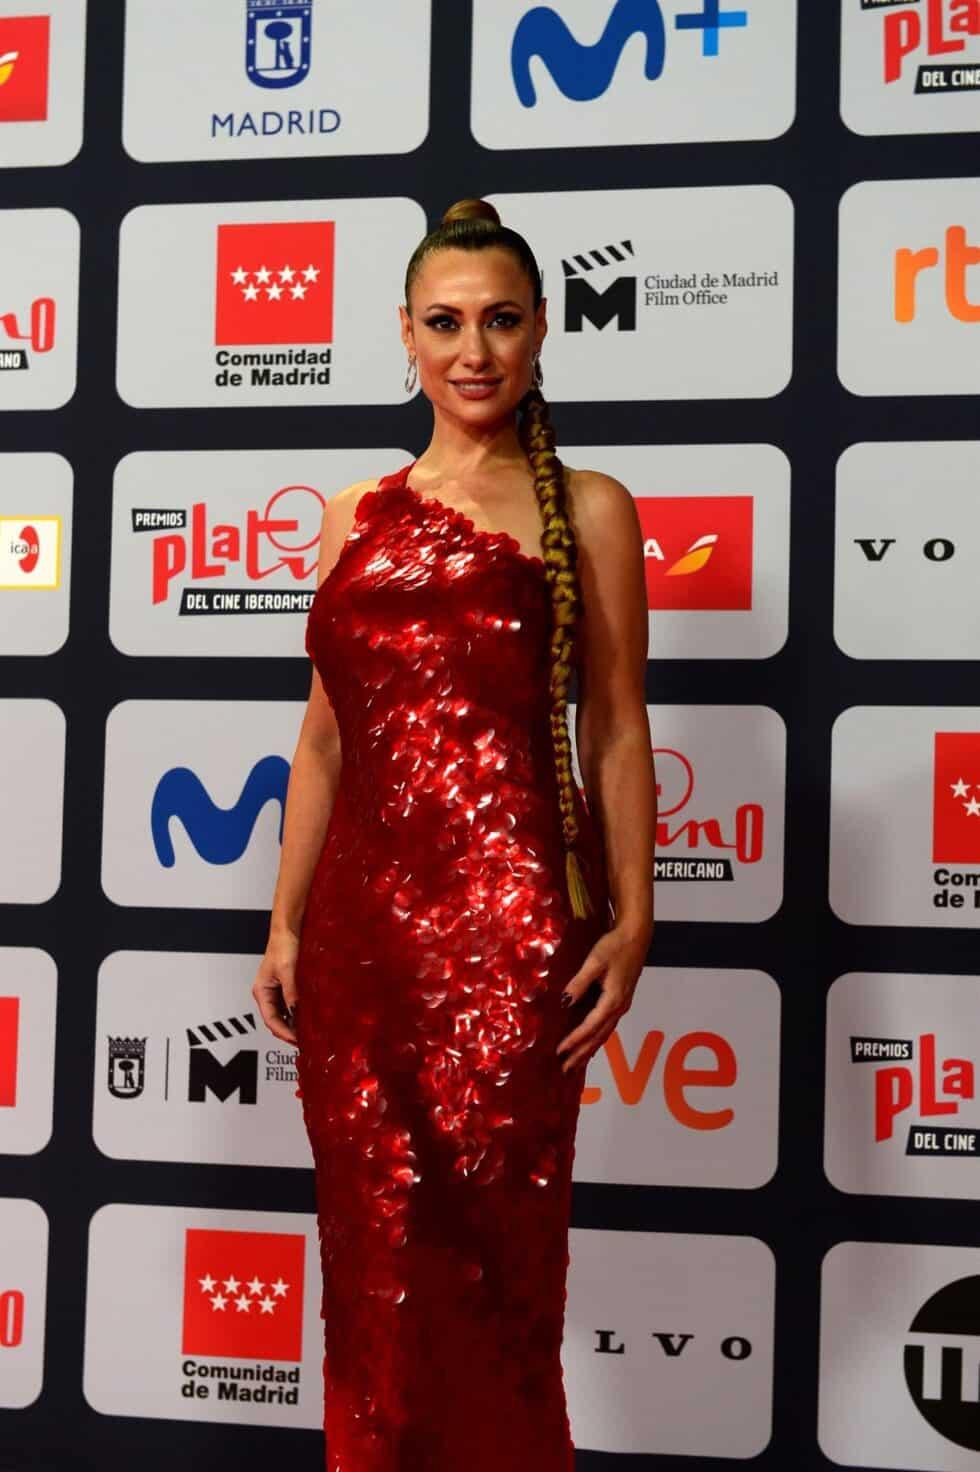 La actriz Natalia Bermeke, a su llegada a la ceremonia de entrega de los Premios Platino del Cine y el Audiovisual Iberoamericano que se celebra este domingo en Madrid